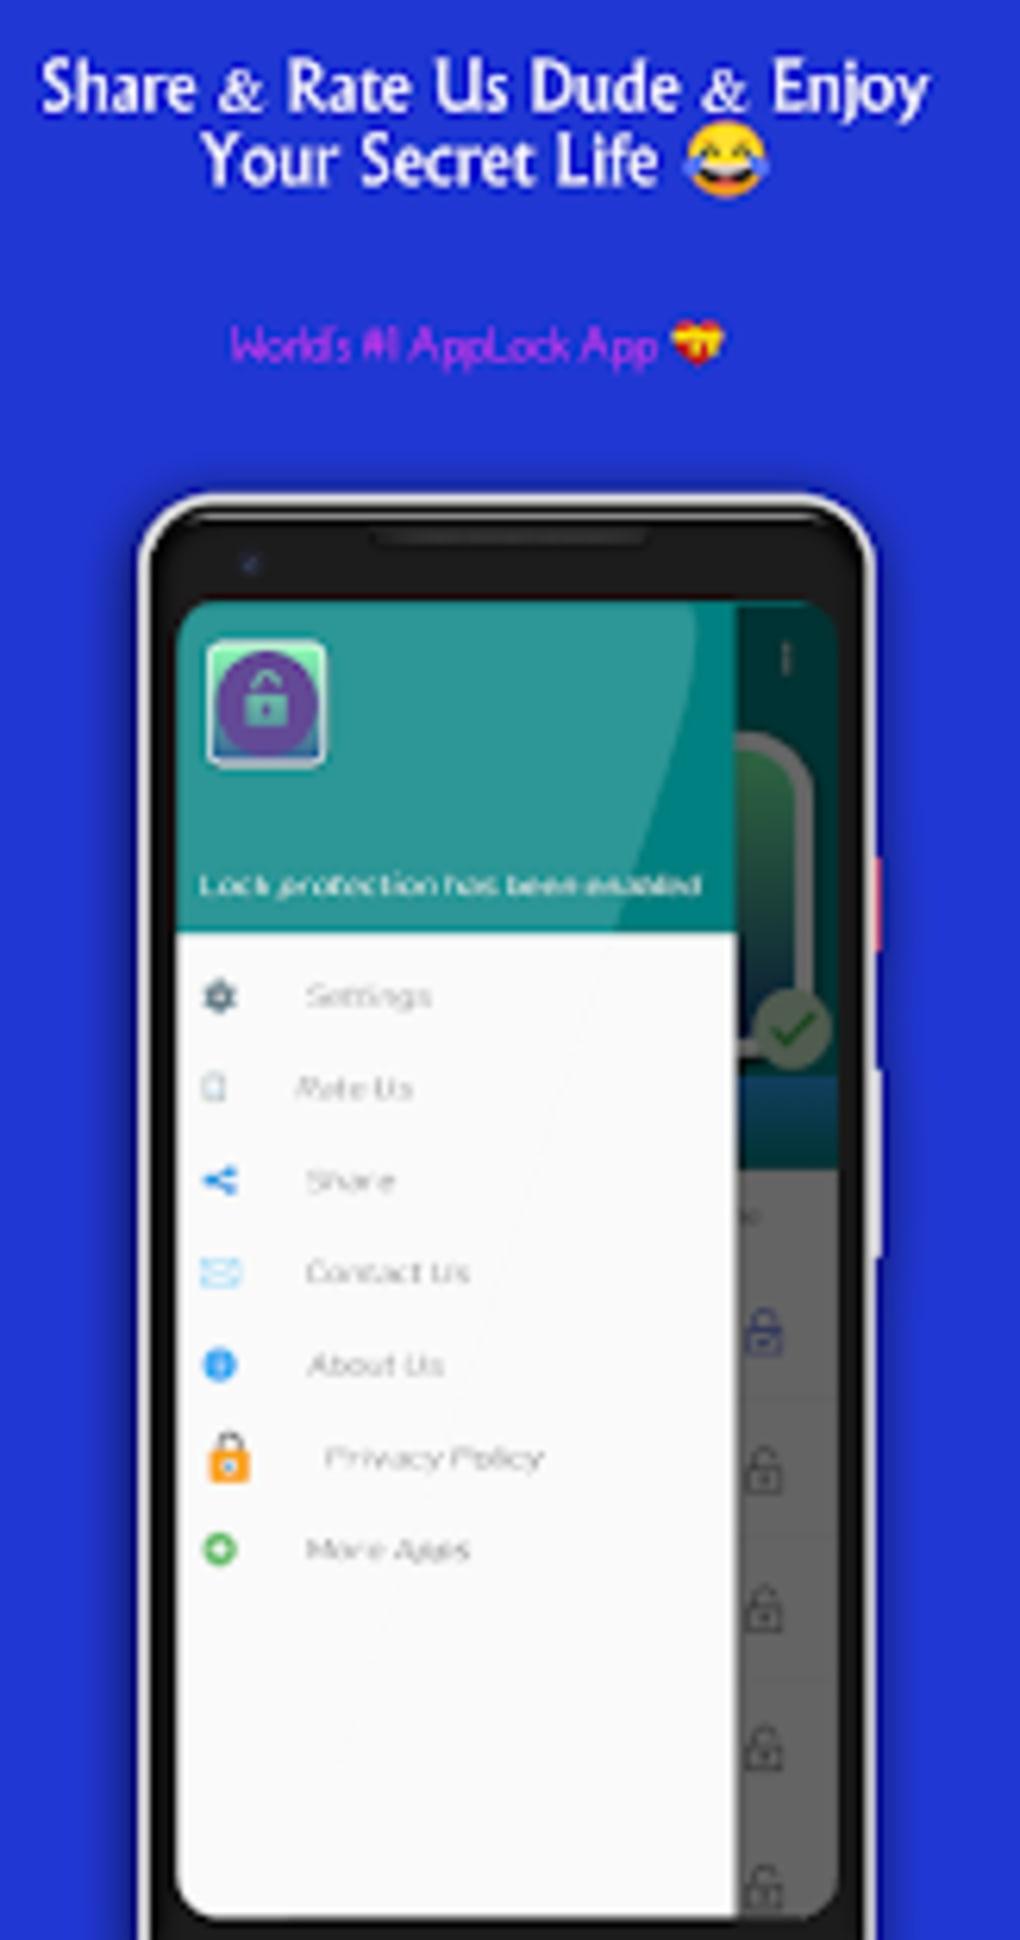 AppLock Gallery Vault - ABC AppLocker for Android - Download